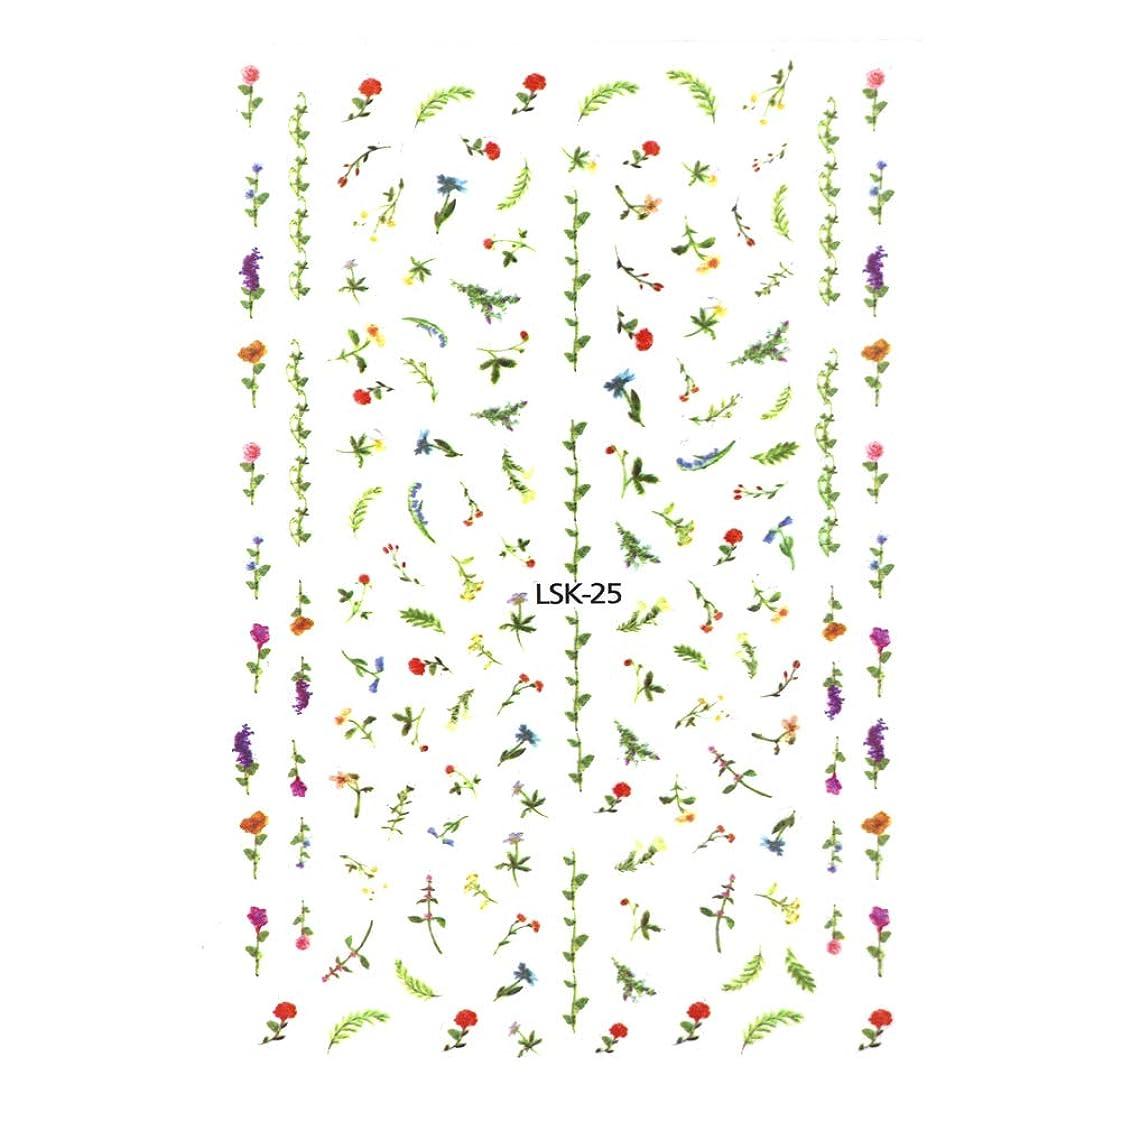 大惨事ロック解除スペード【U+CL36】小花柄ネイルシール MIXカラー ネイルシール 花 花柄 フラワー ナチュラル